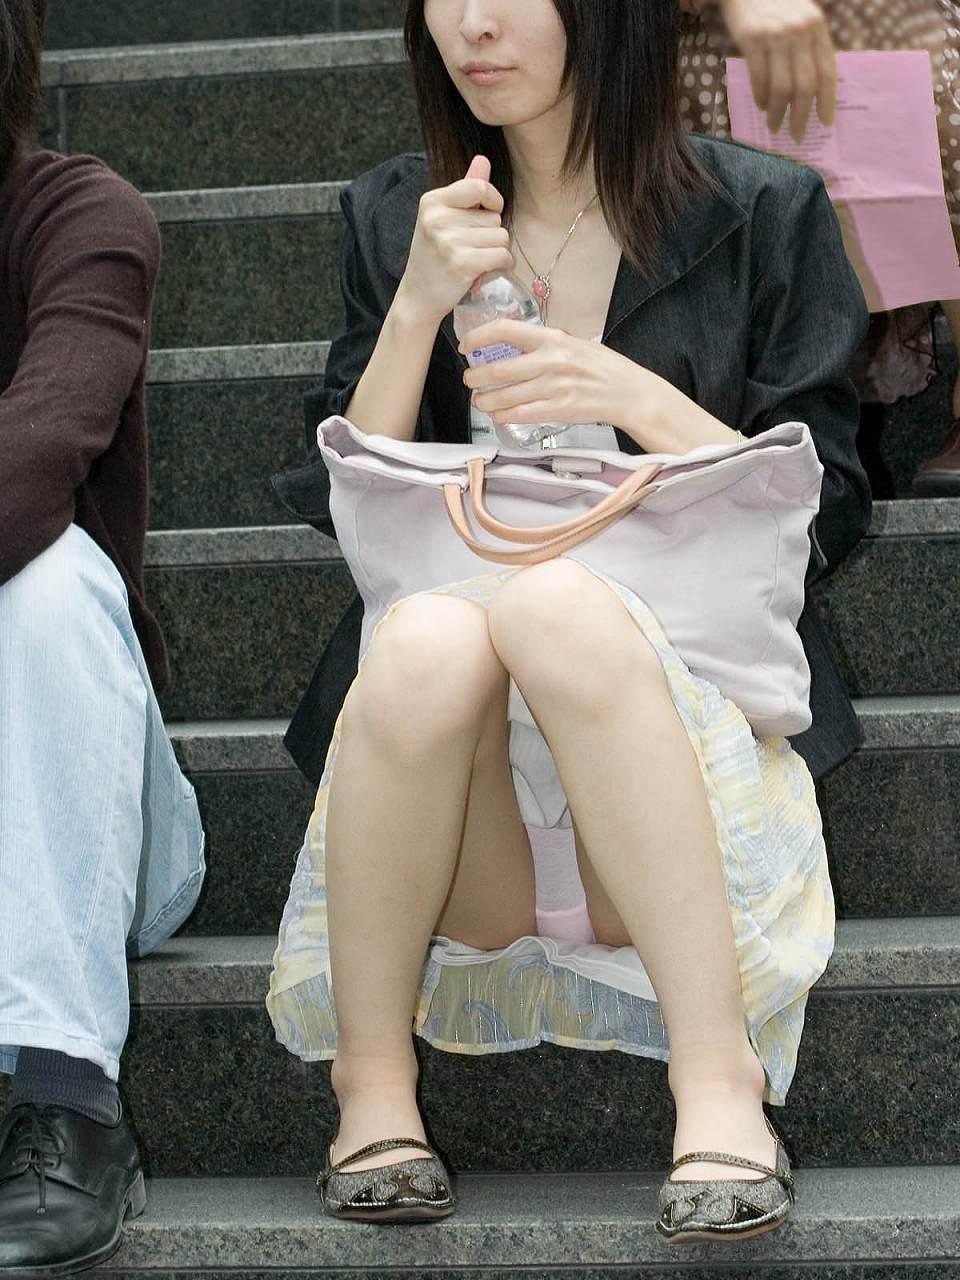 階段 座る パンチラ 段差 腰掛け エロ画像【22】